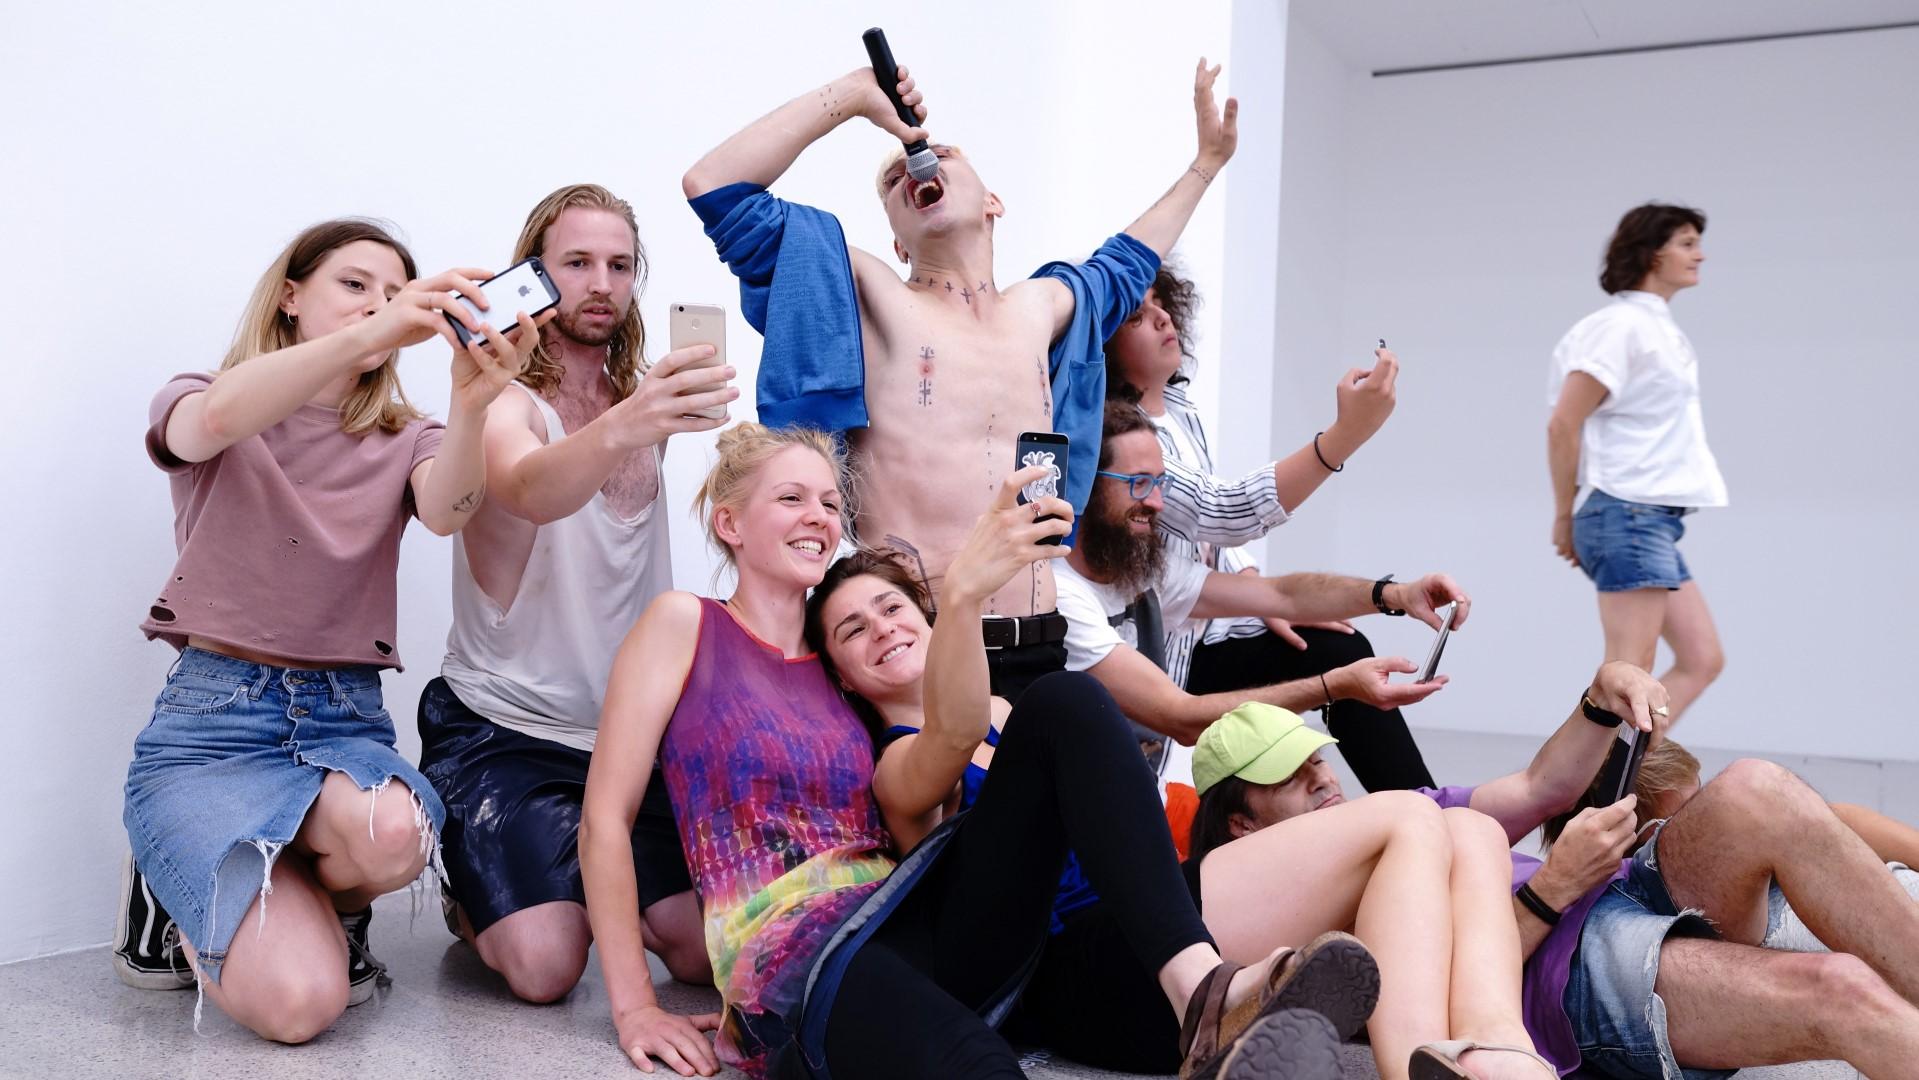 Selfie concert - Kourliandski